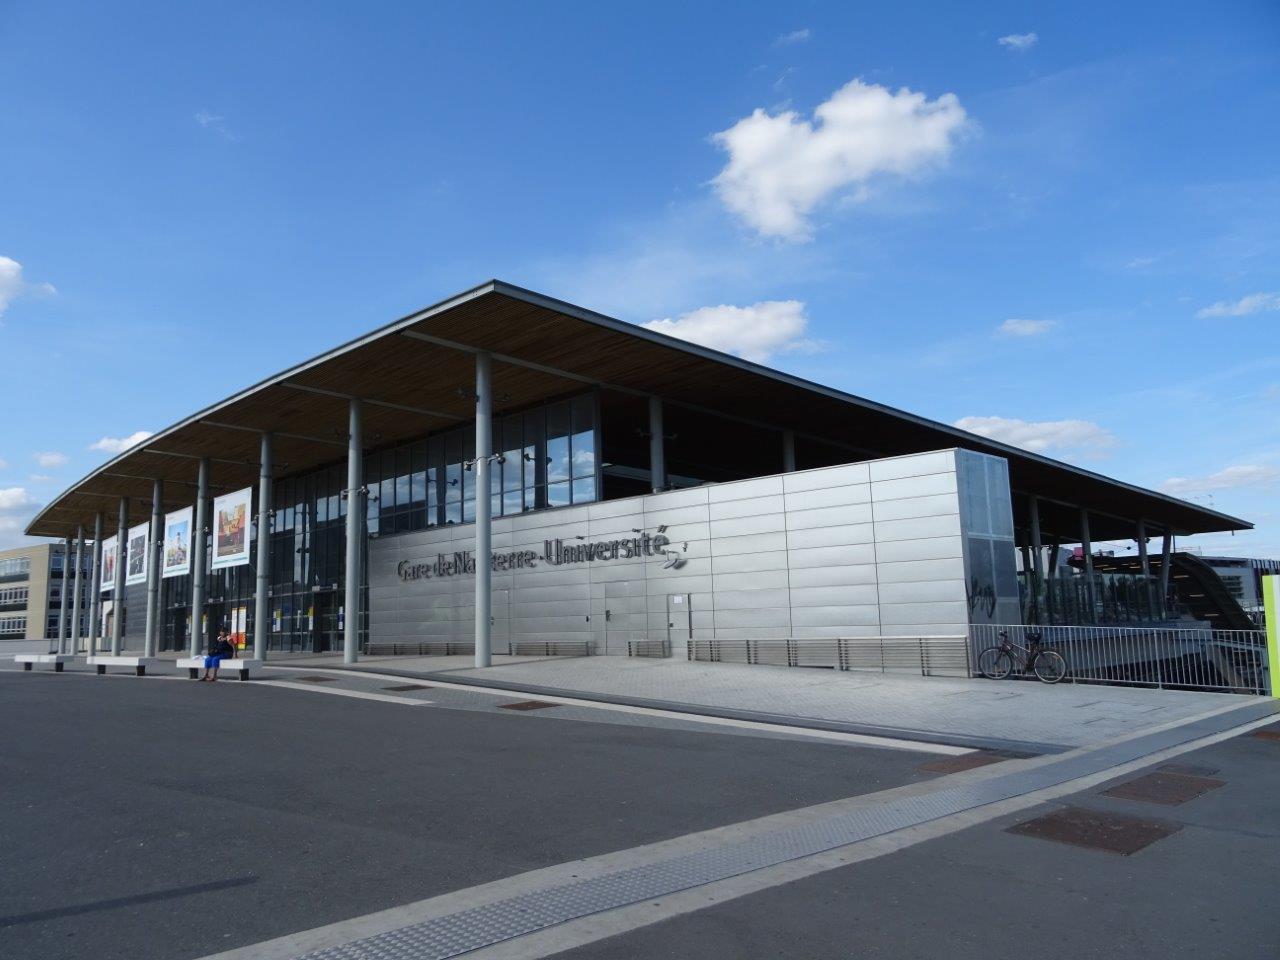 gare-de-nanterre-universite-train-station